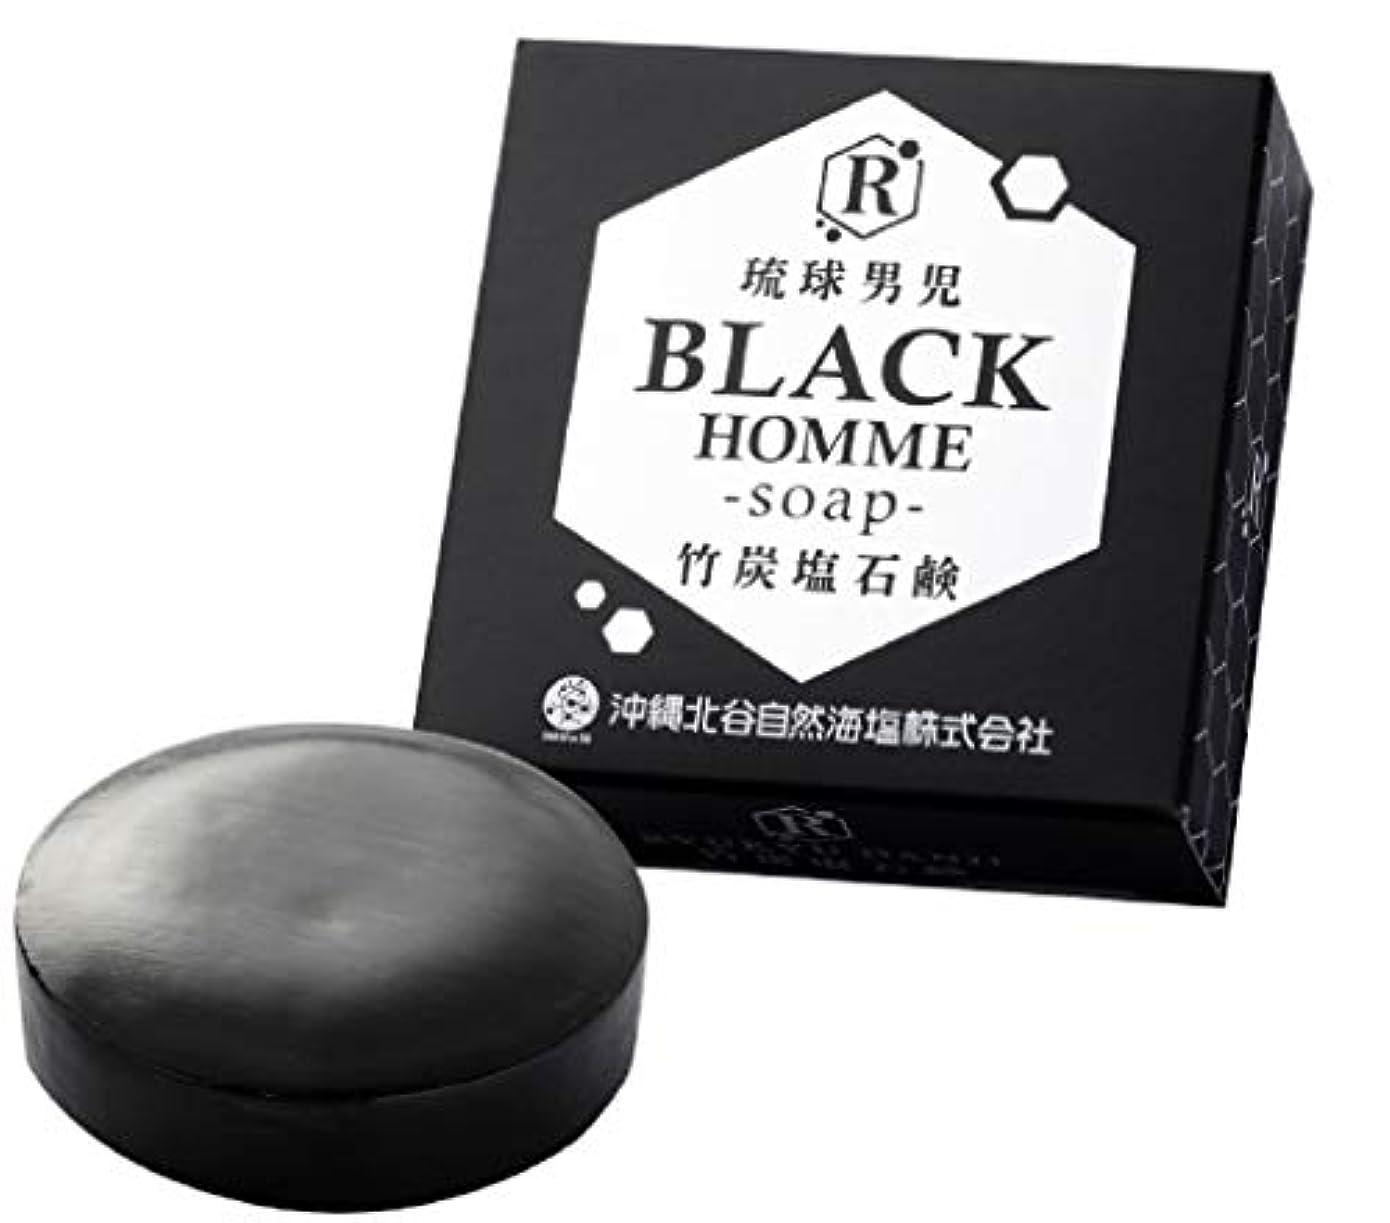 戦争教えて時折【4個セット】琉球男児 竹炭塩石鹸 BLACK HOMME-soap- 60g 泡立てネット付き